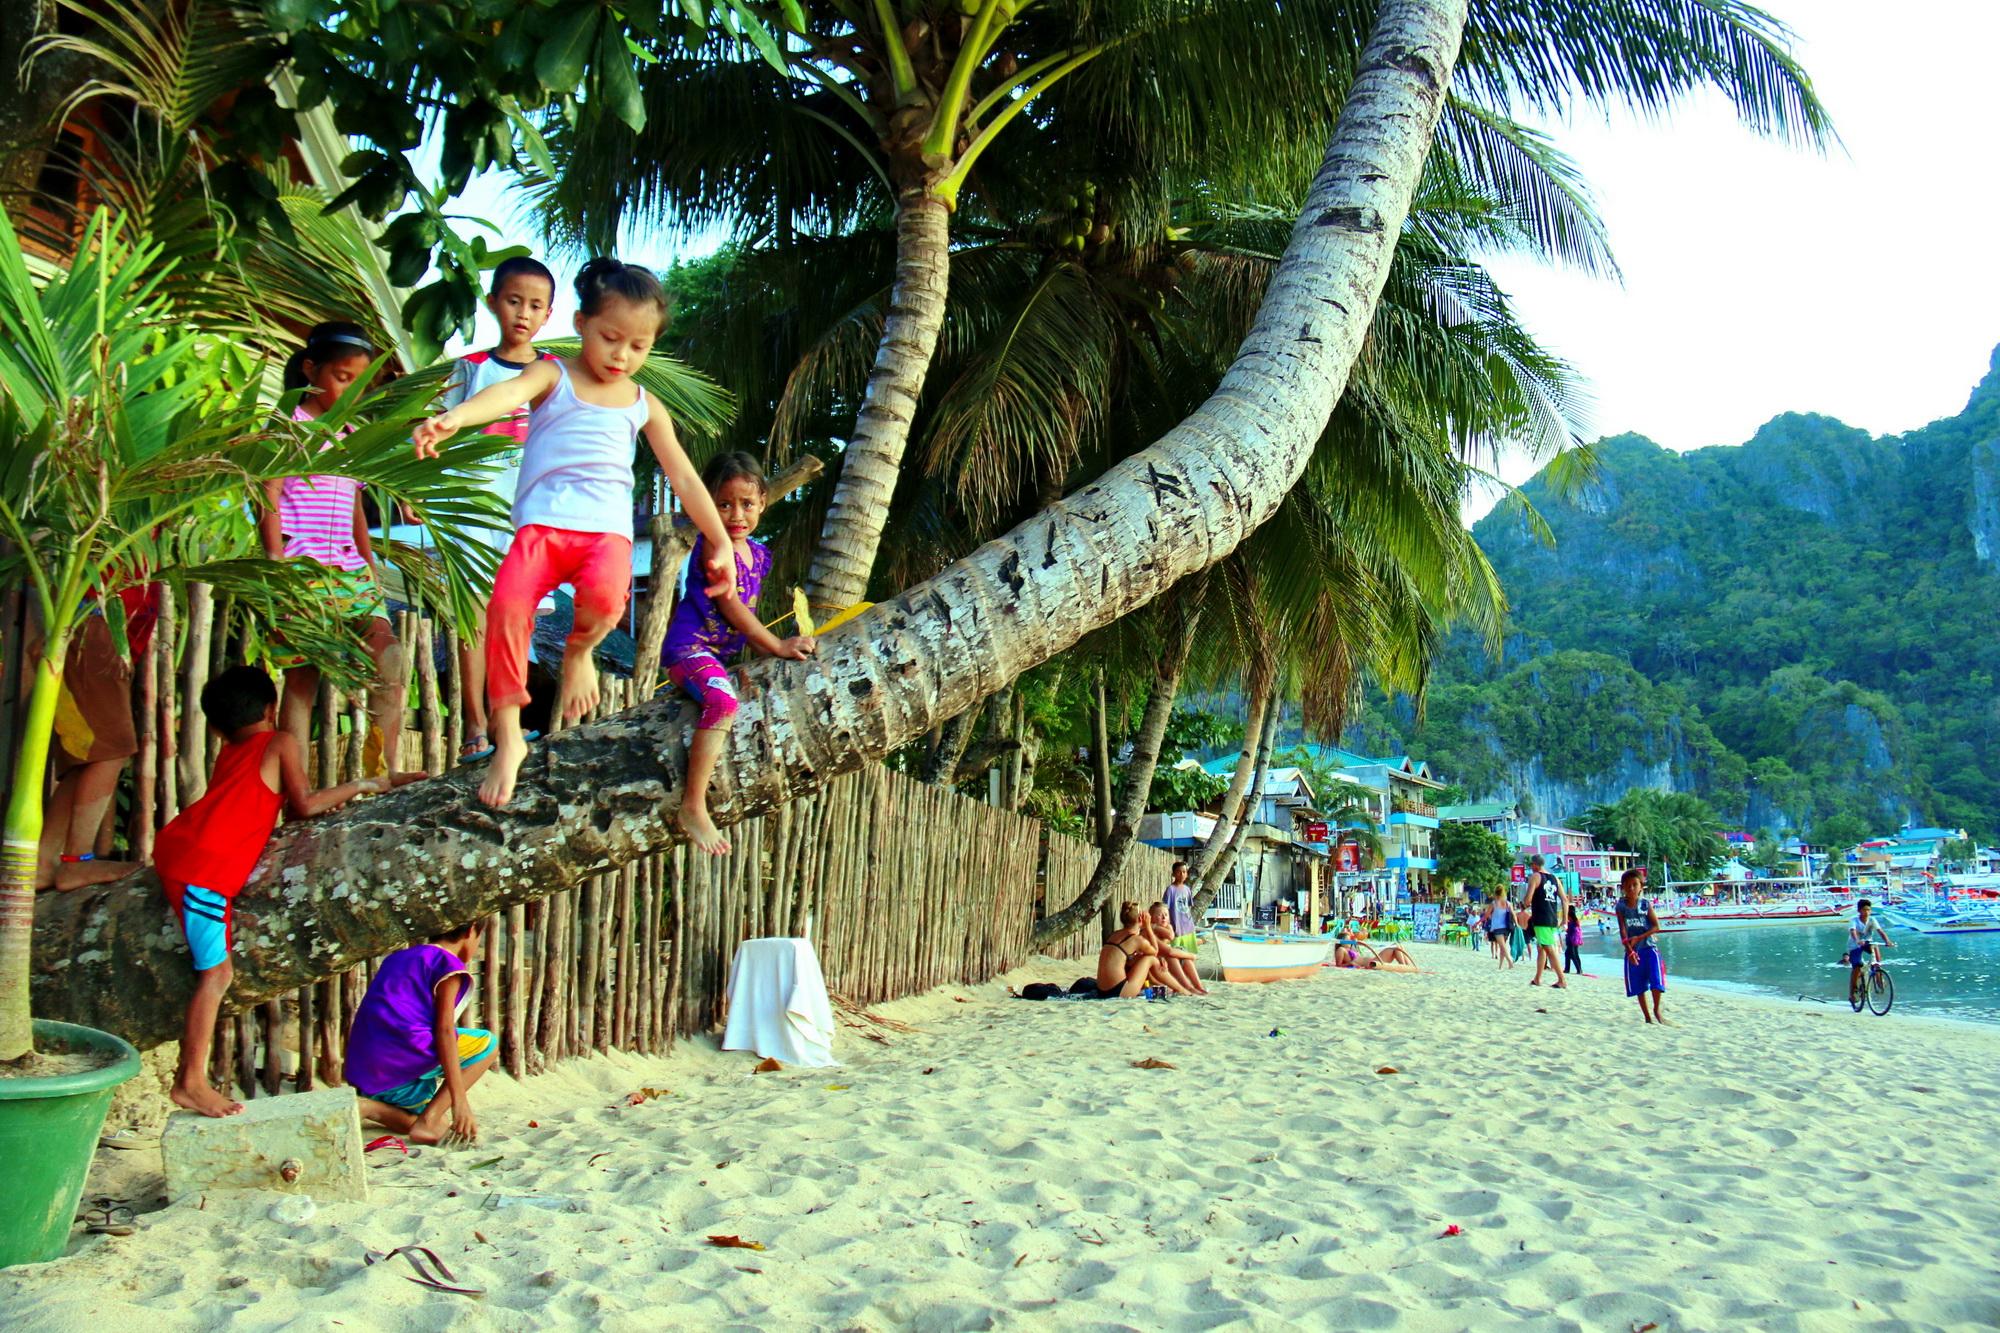 Sang Philippines vẫy vùng trên biển El Nido - Ảnh 7.